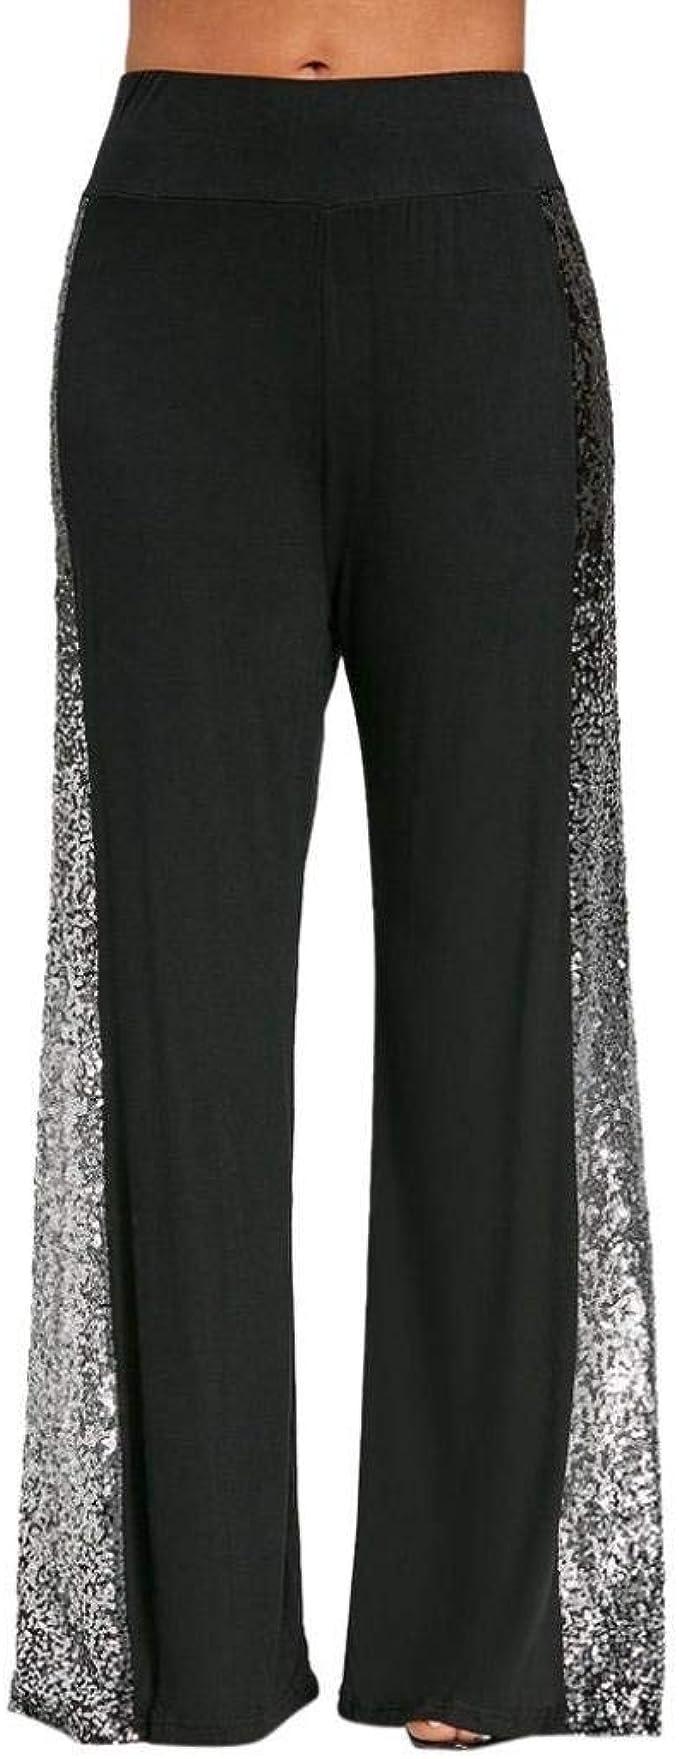 Pantalón De Chándal para Mujer Pantalón De Pitillo Pantalones ...